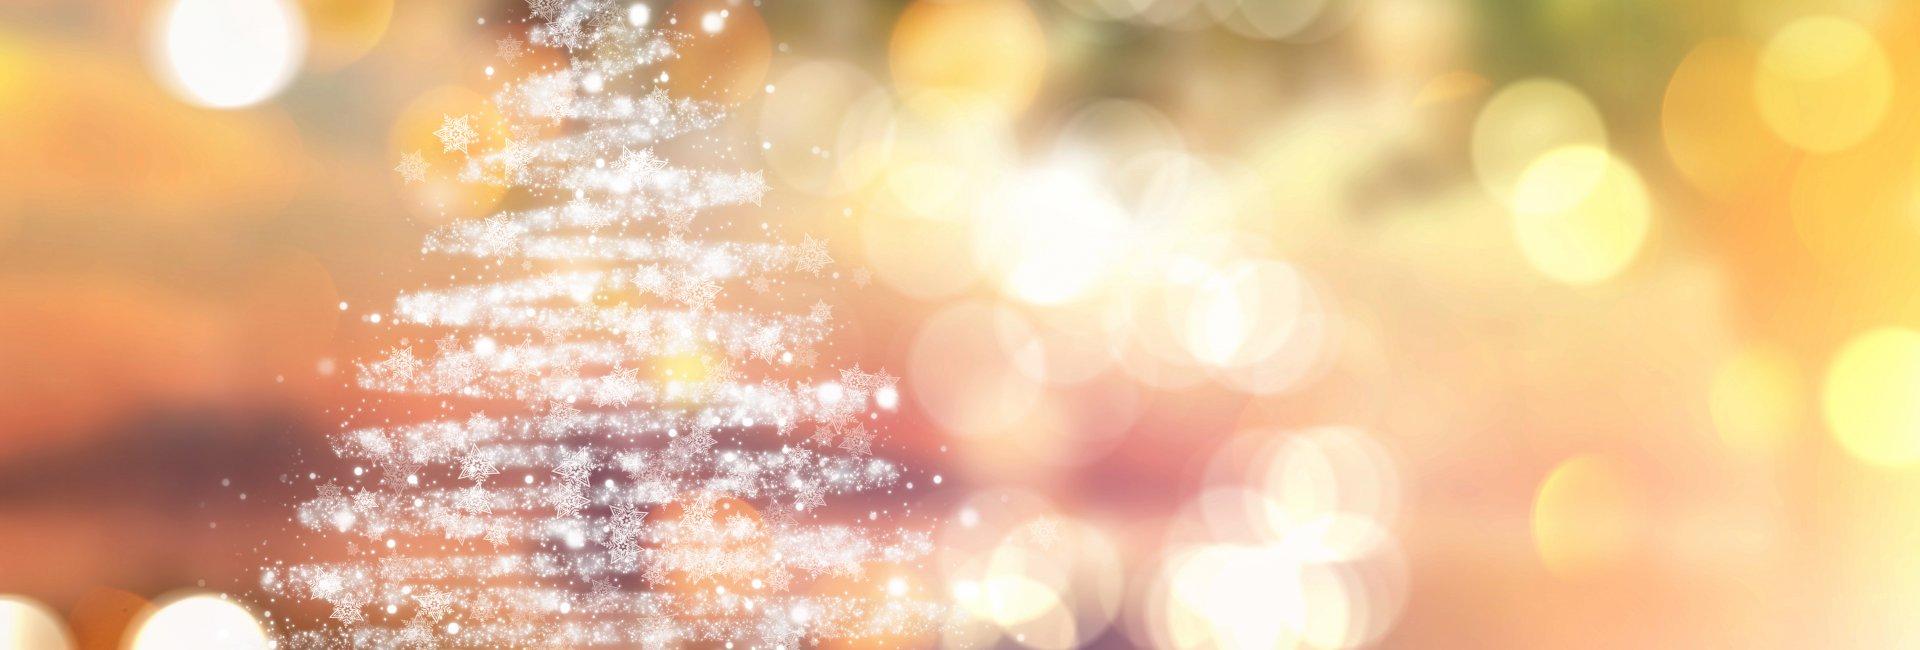 Życznia Świąteczne